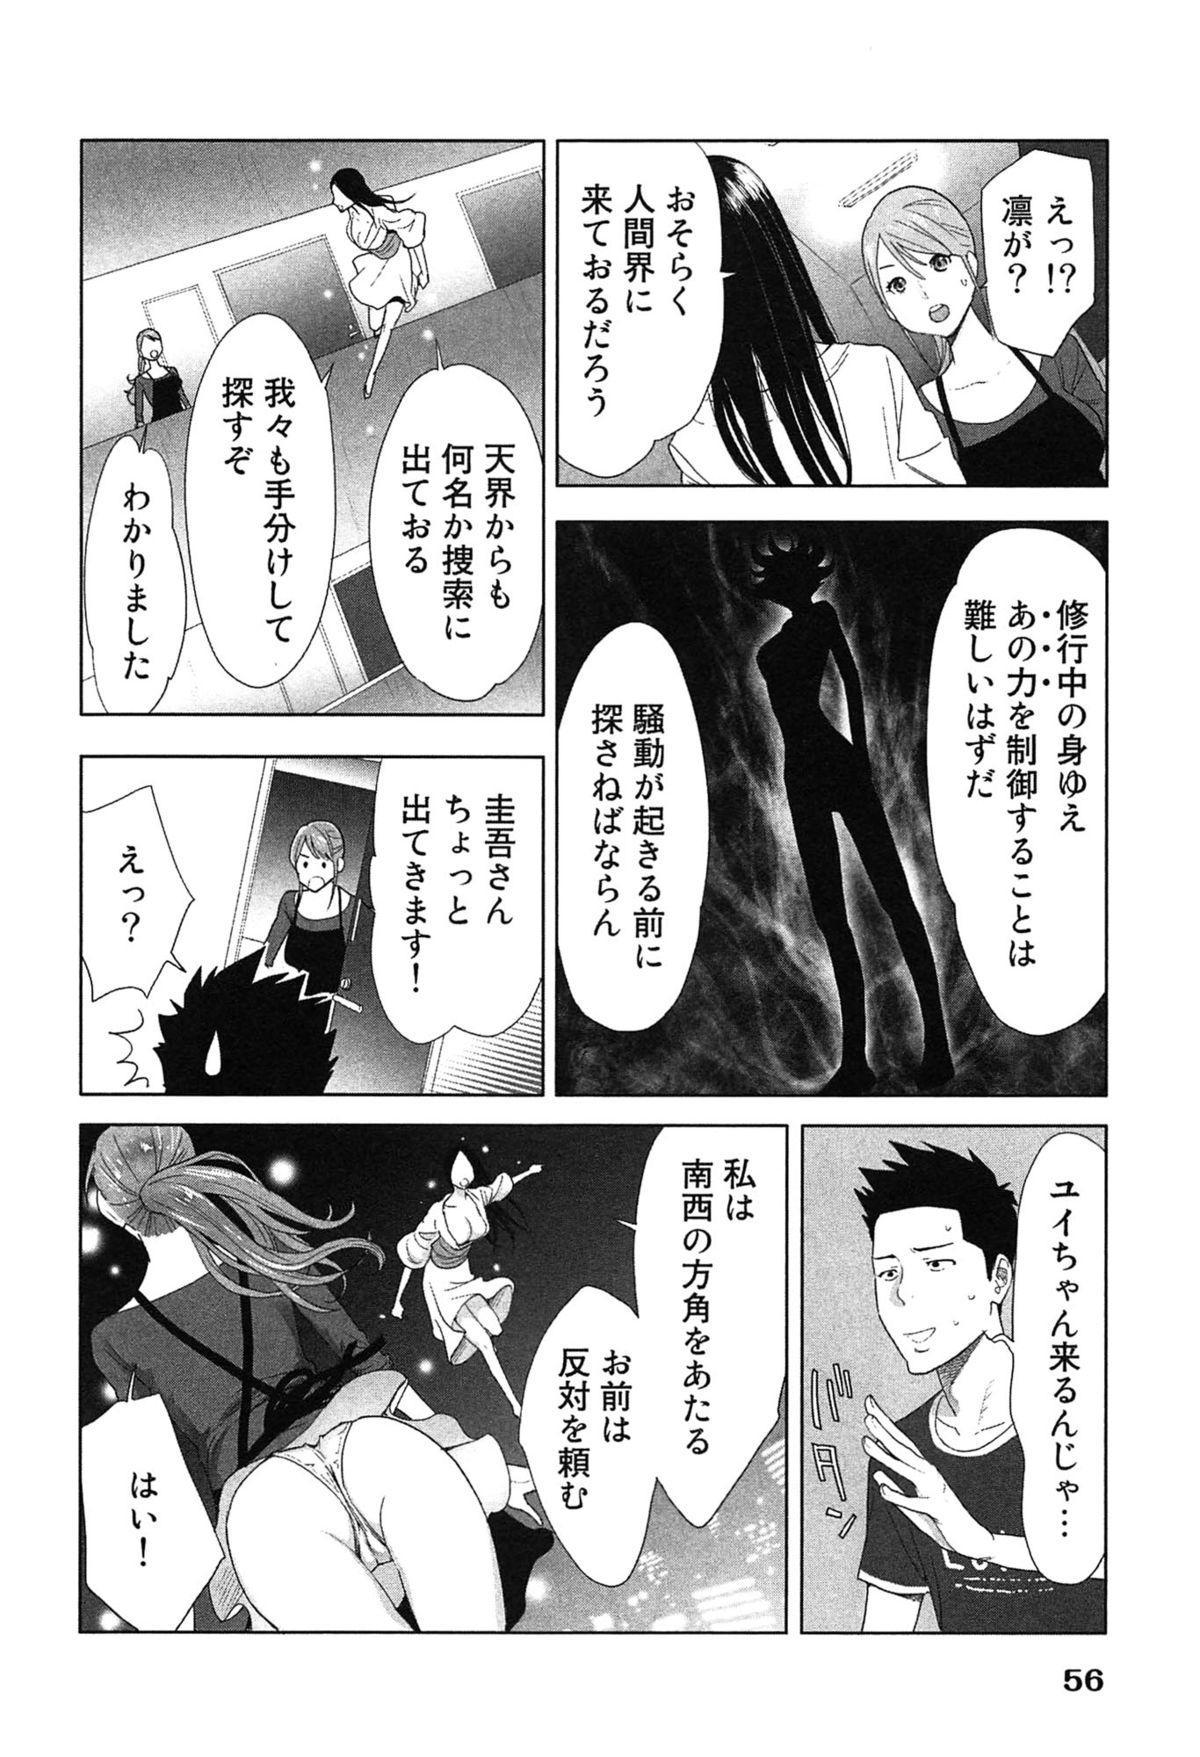 Megami to Ichinen Kura Shite Mita. 2 59